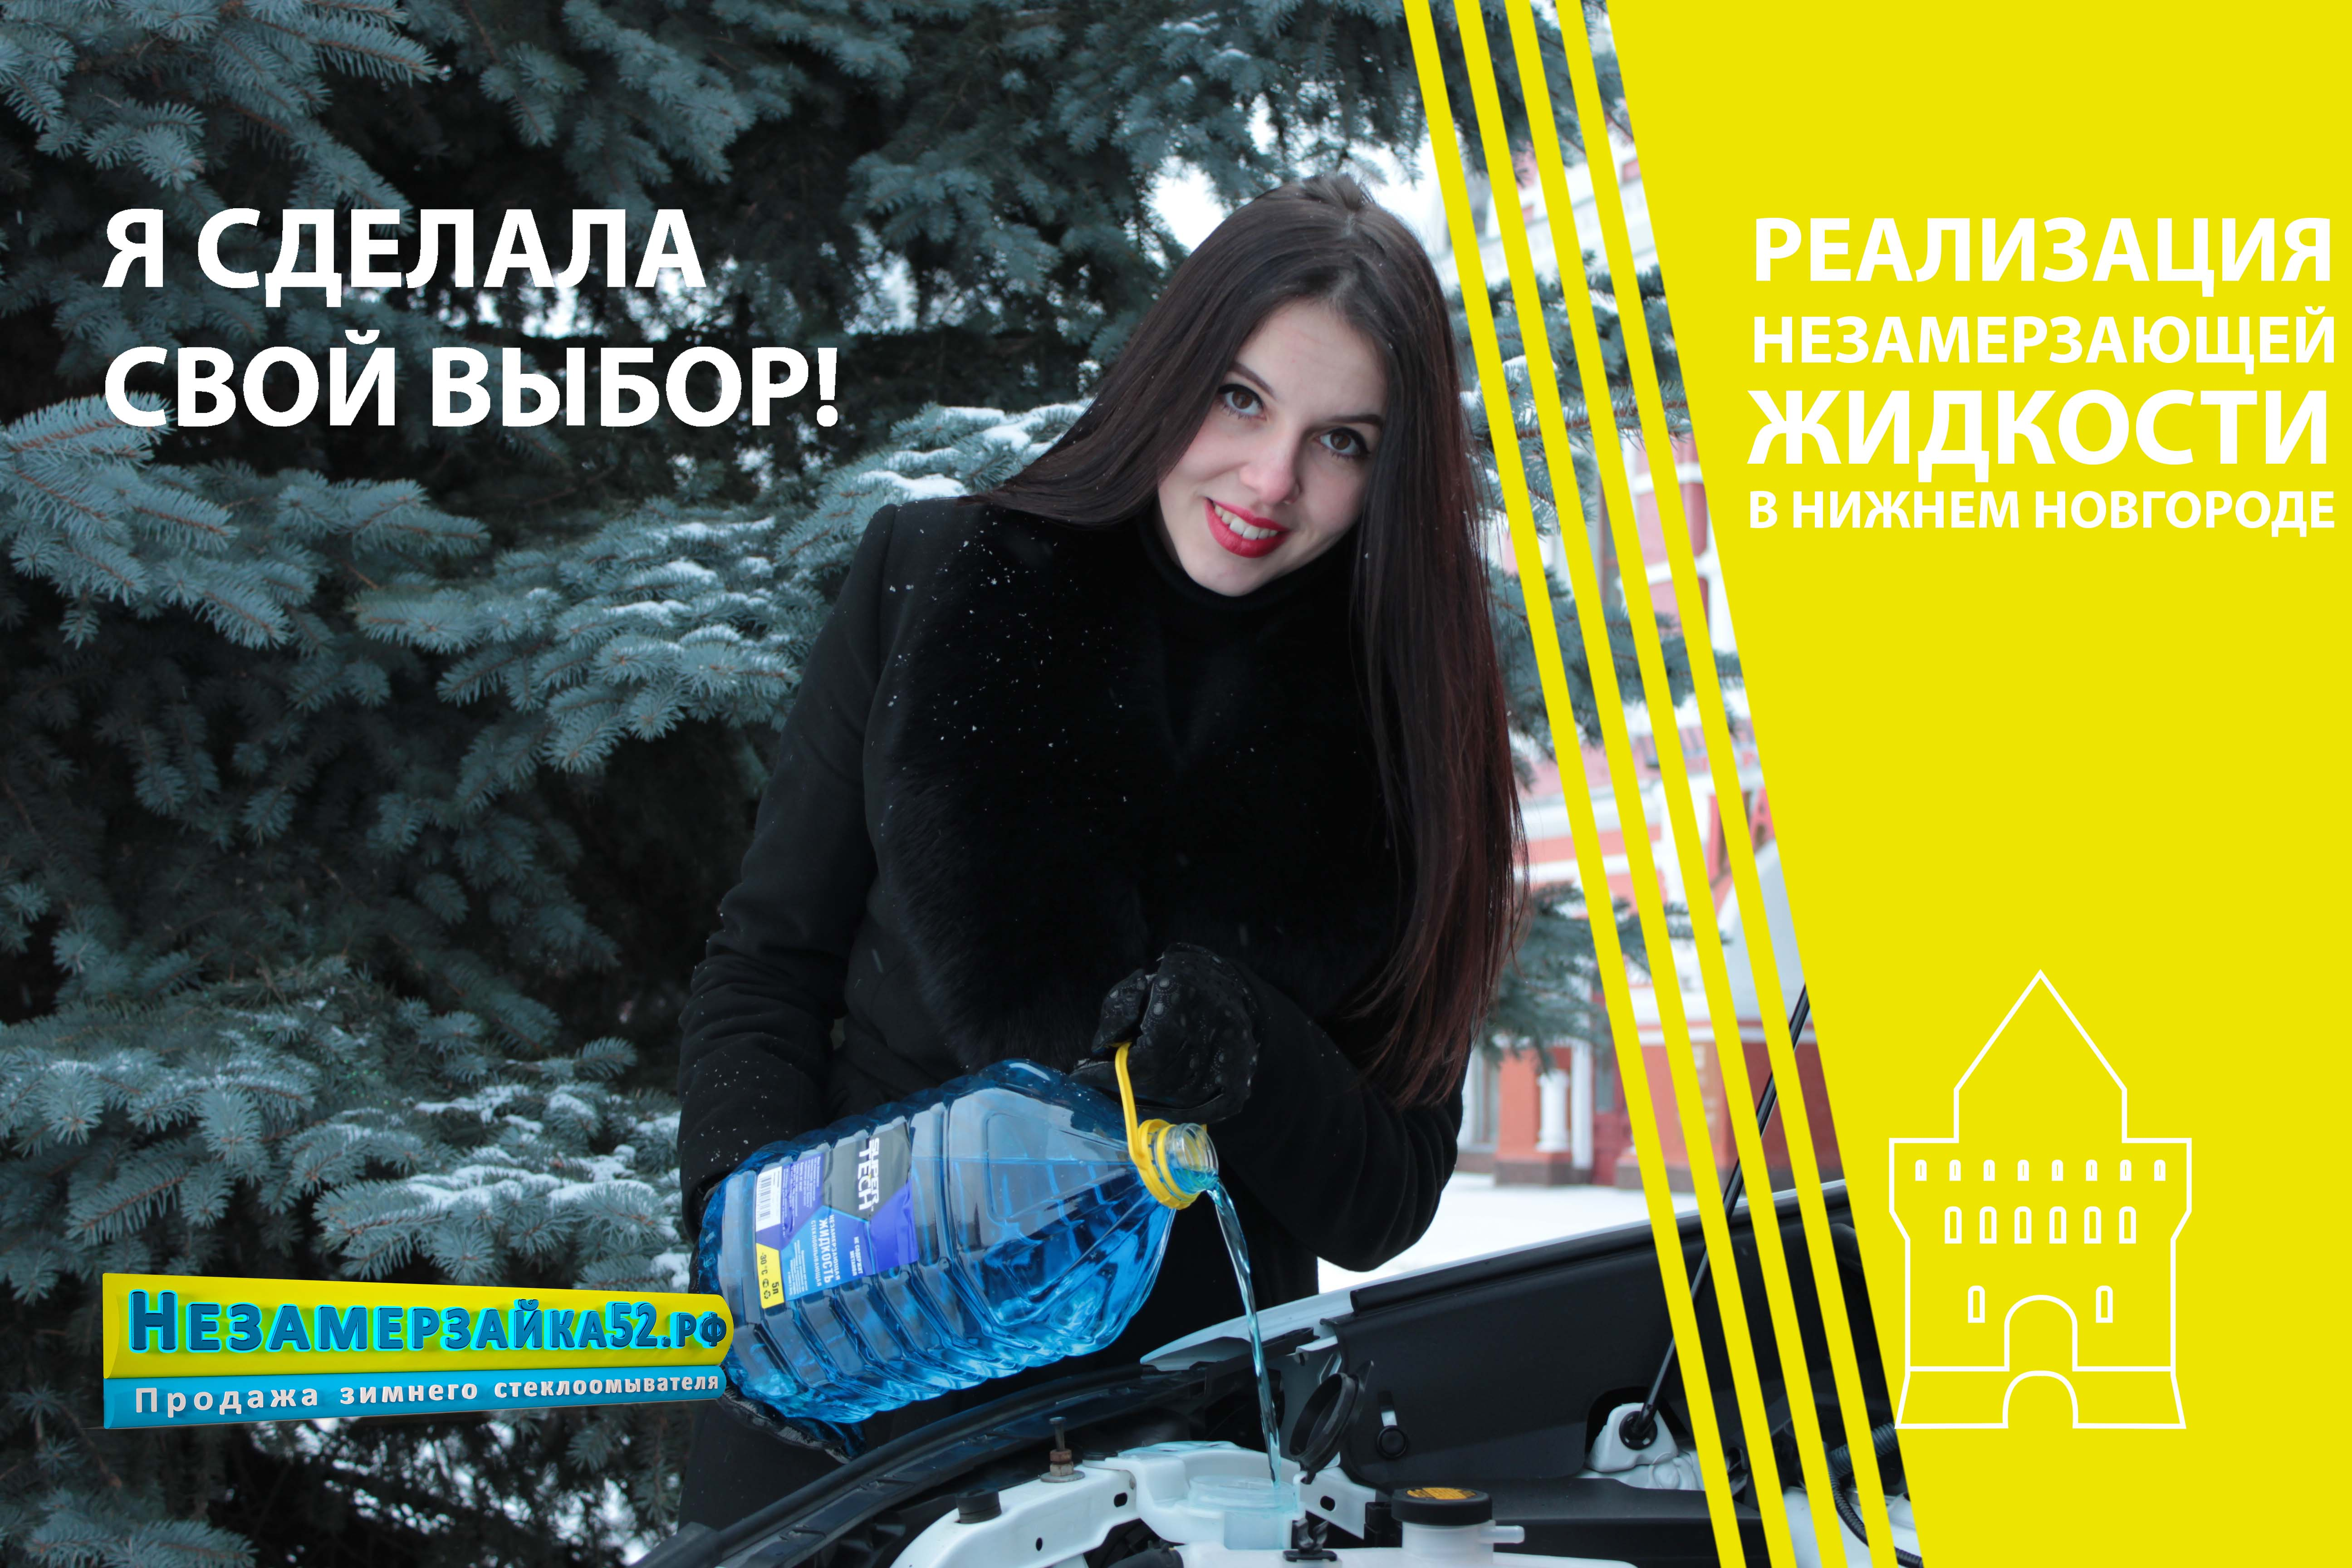 Жидкость стеклоомывателя в Нижнем Новгороде реклама